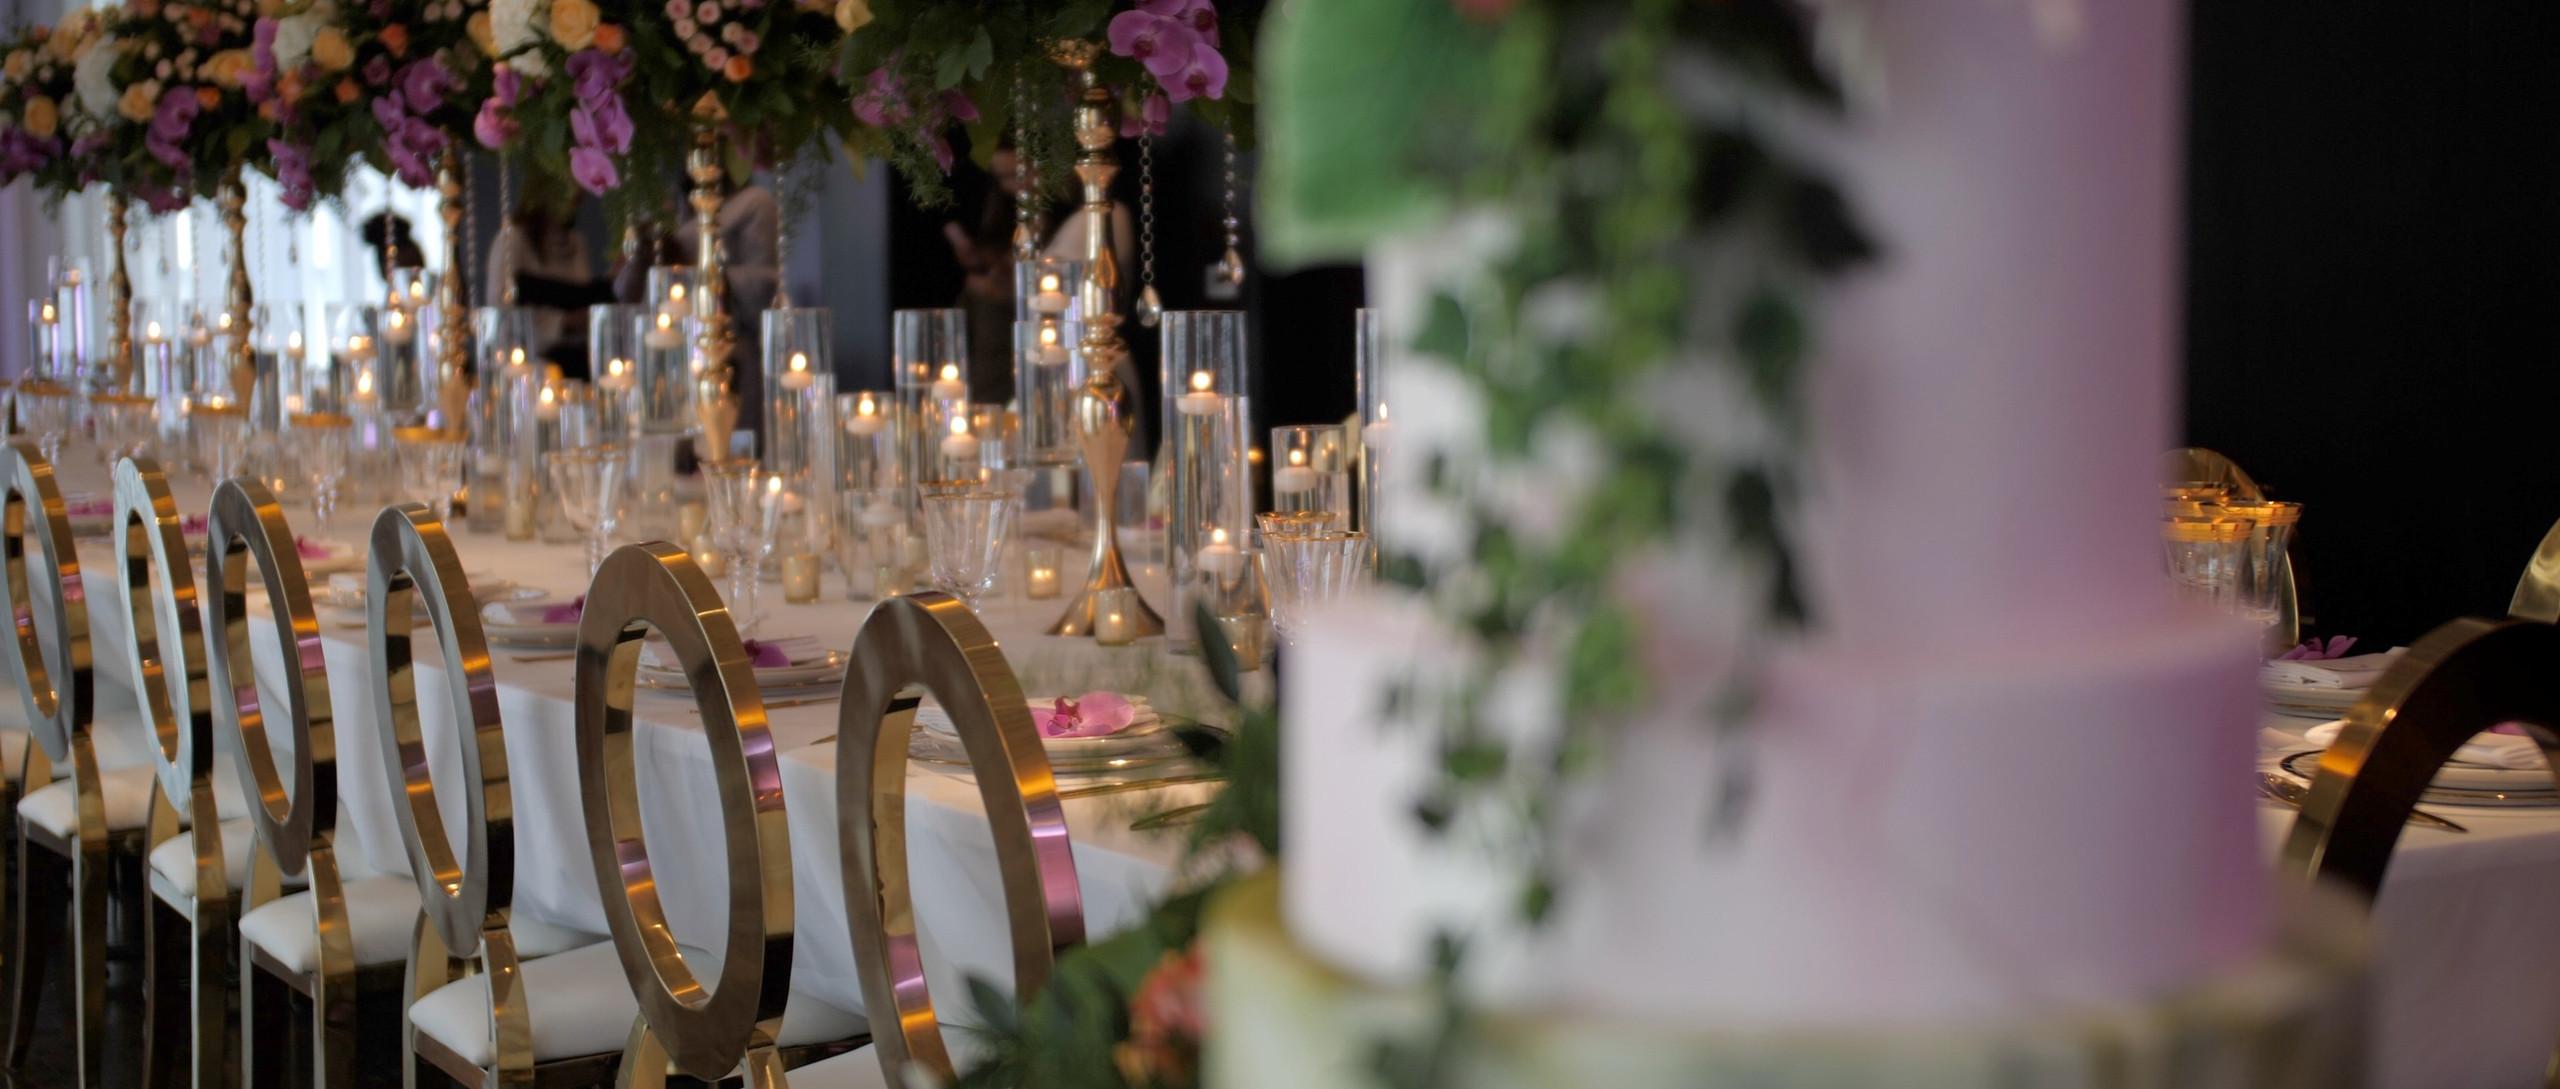 aloha london wedding films videographer cake and wedding table